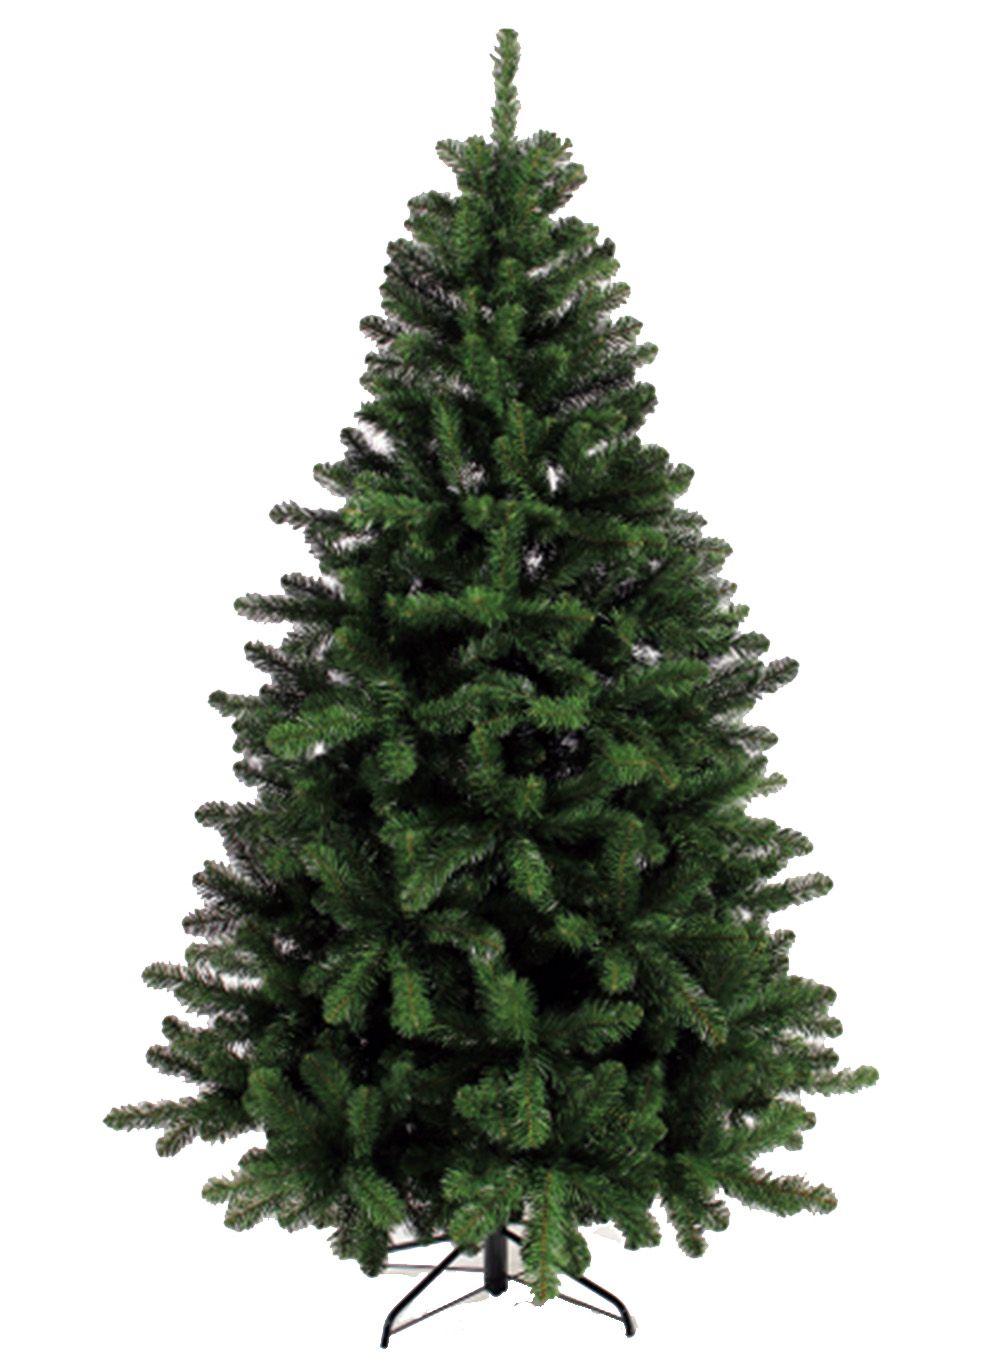 Pin By Paul R Fontenot On H O L I D A Y S Christmas Tree Artificial Christmas Tree Tree